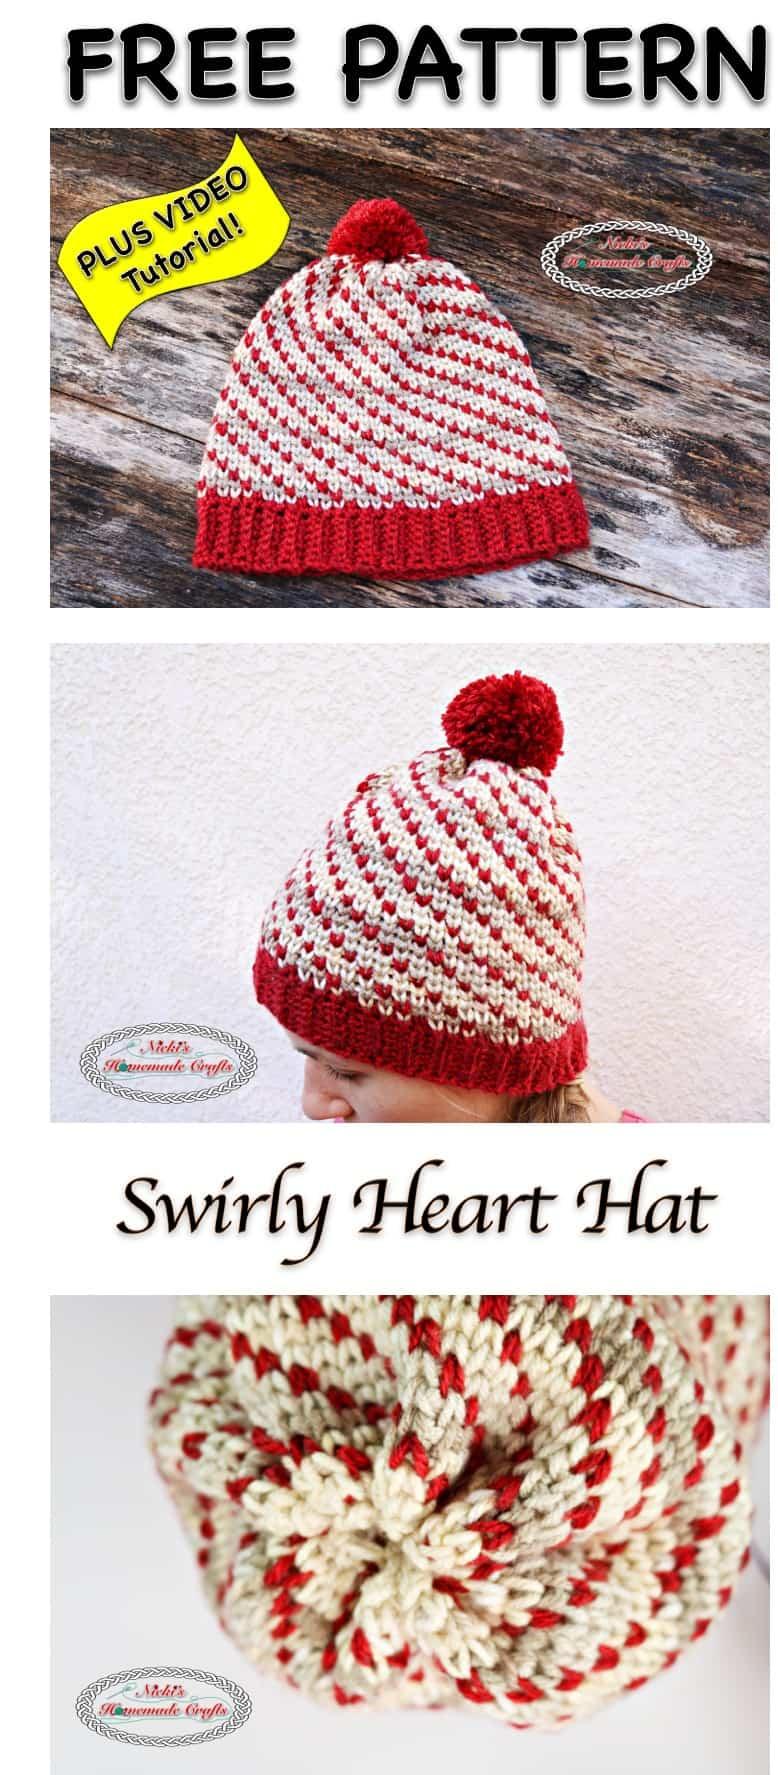 Swirly Heart Hat - Free Crochet Pattern